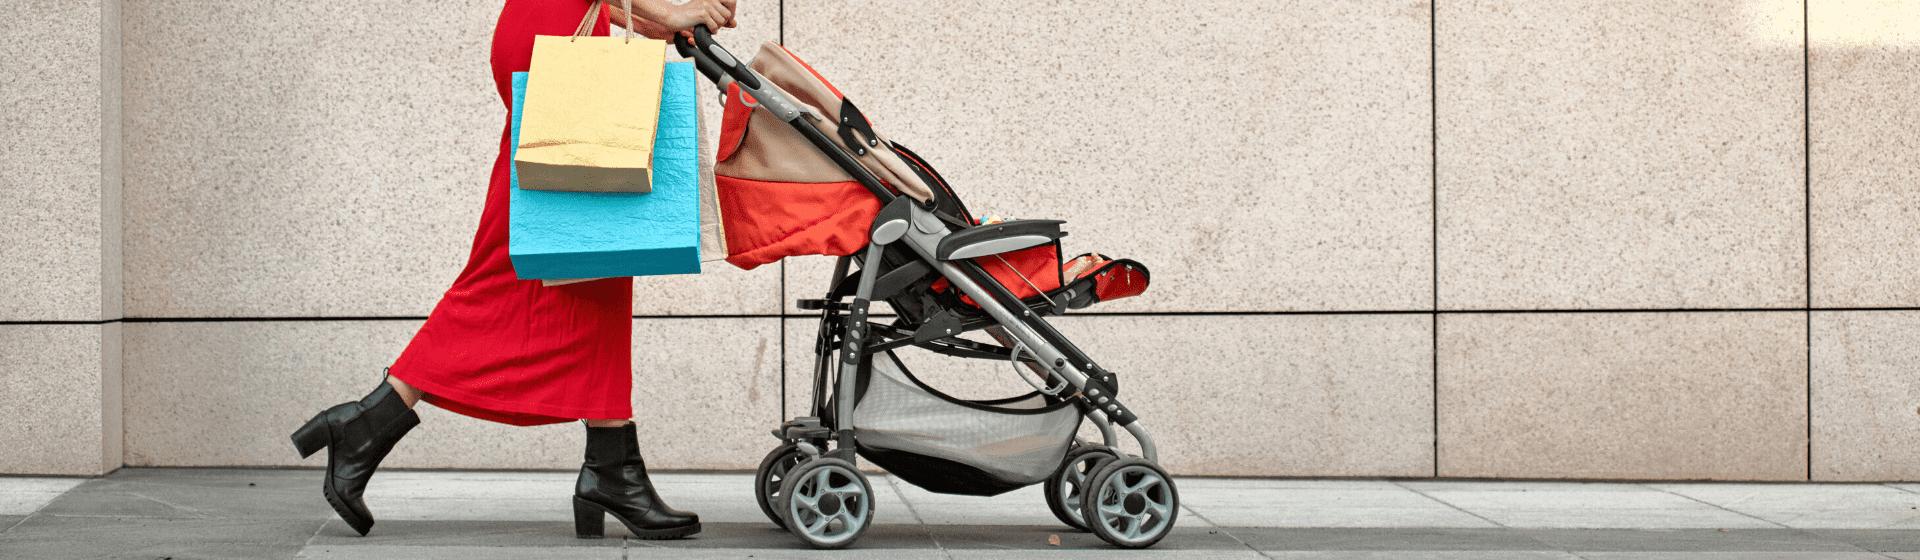 Melhores carrinhos de bebê Chicco: 7 modelos para comprar em 2021